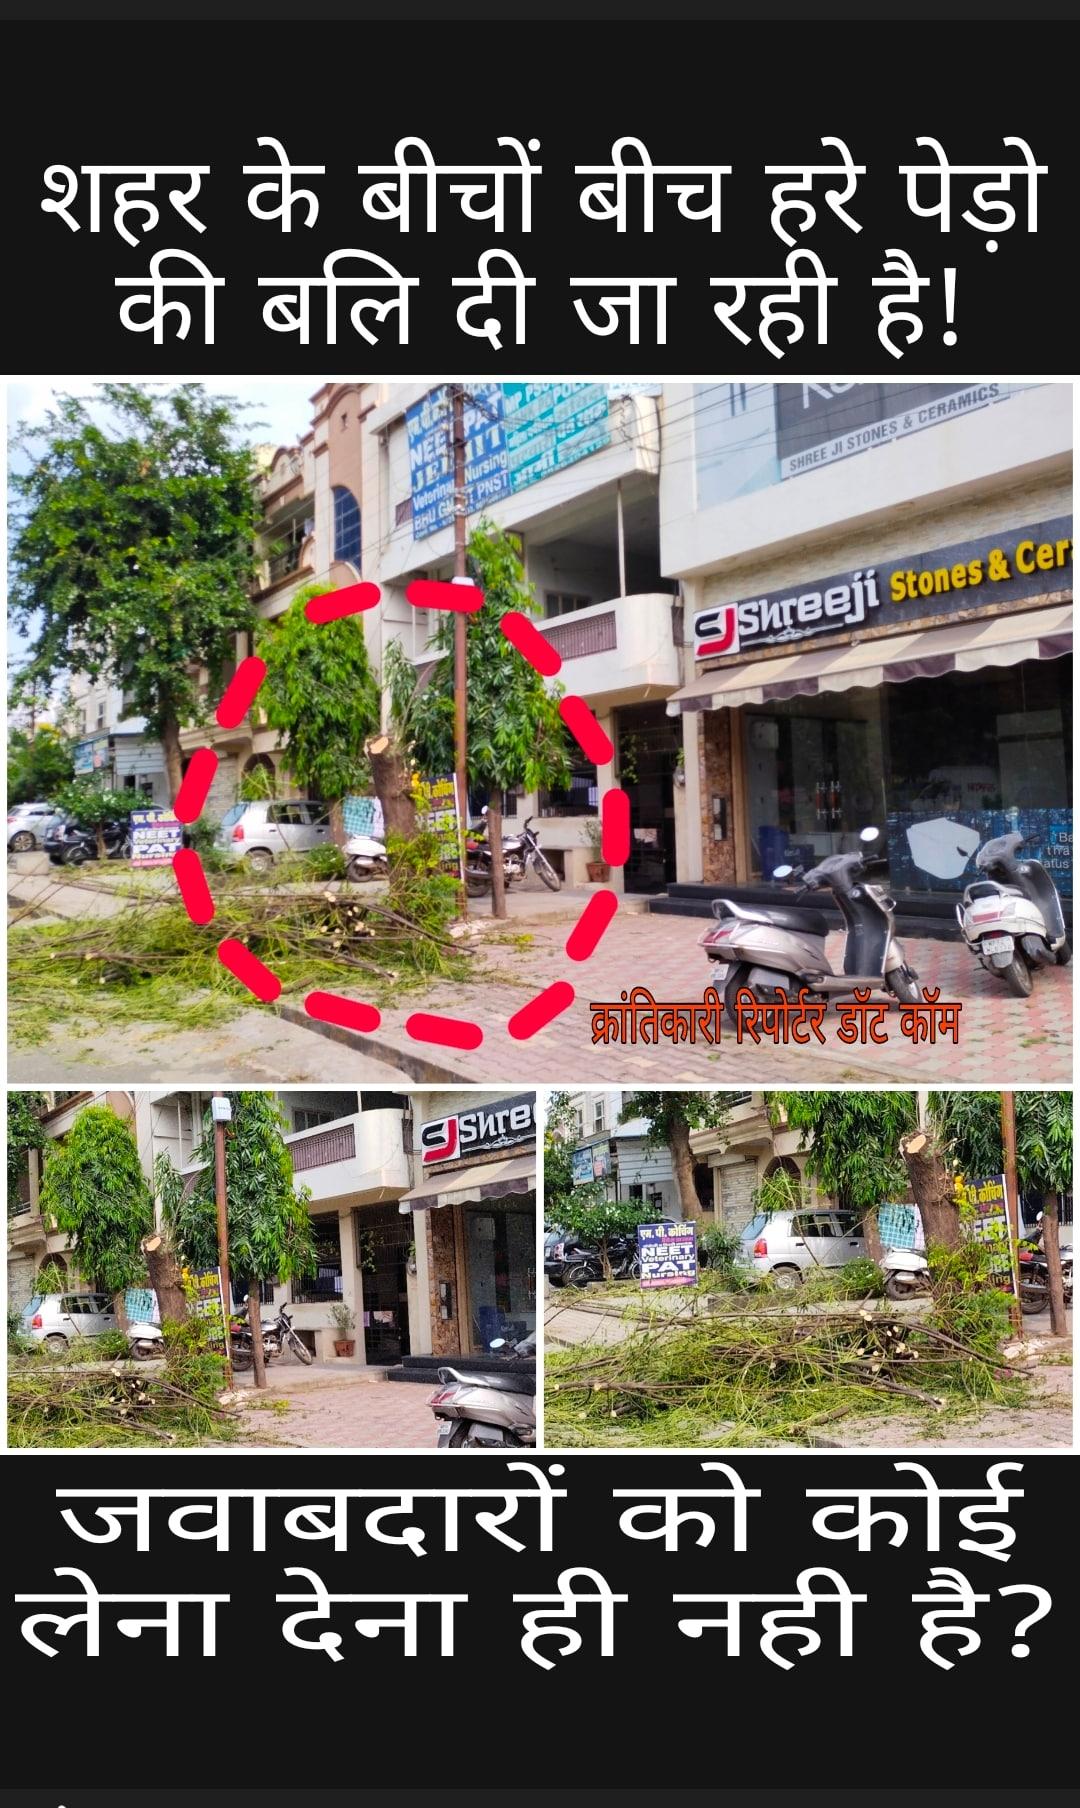 #लॉ कॉलेज के सामने श्रीजी स्टोन वाले ने हरा भरा पेड़ कटवा दिया... सूचना के बाद भी कोई जवाबदार मौके पर तक नही गया...?